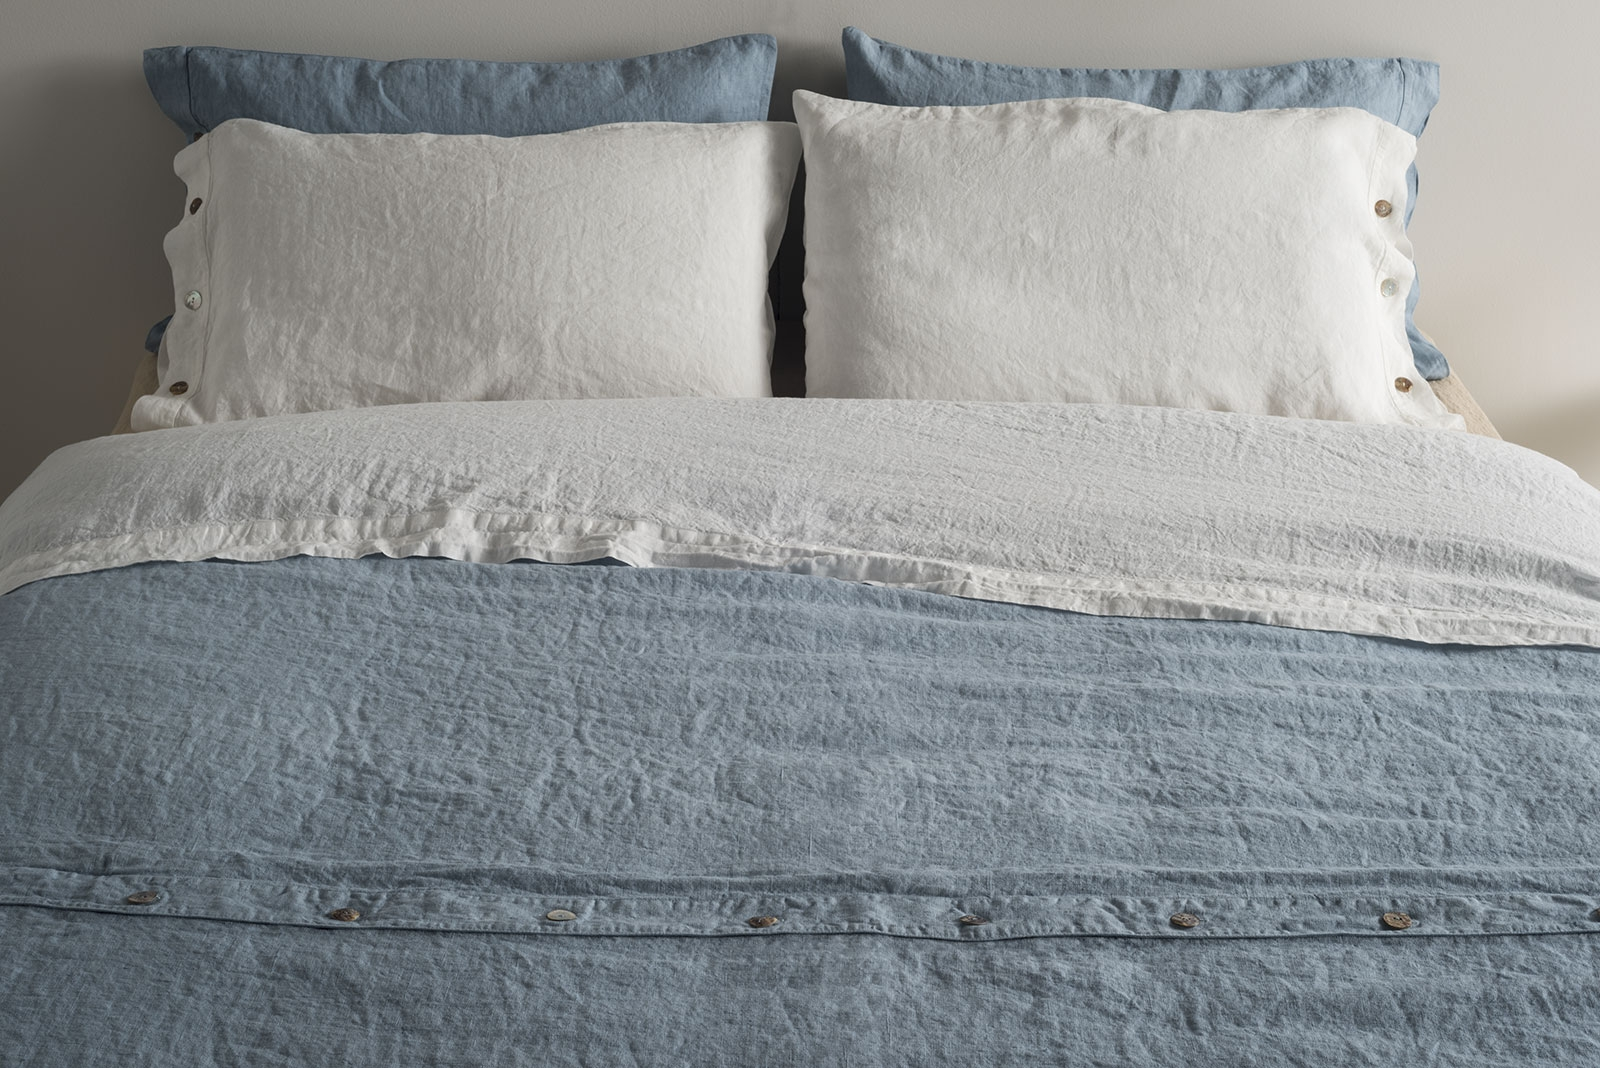 lino letto lenzuola federe copripiumo